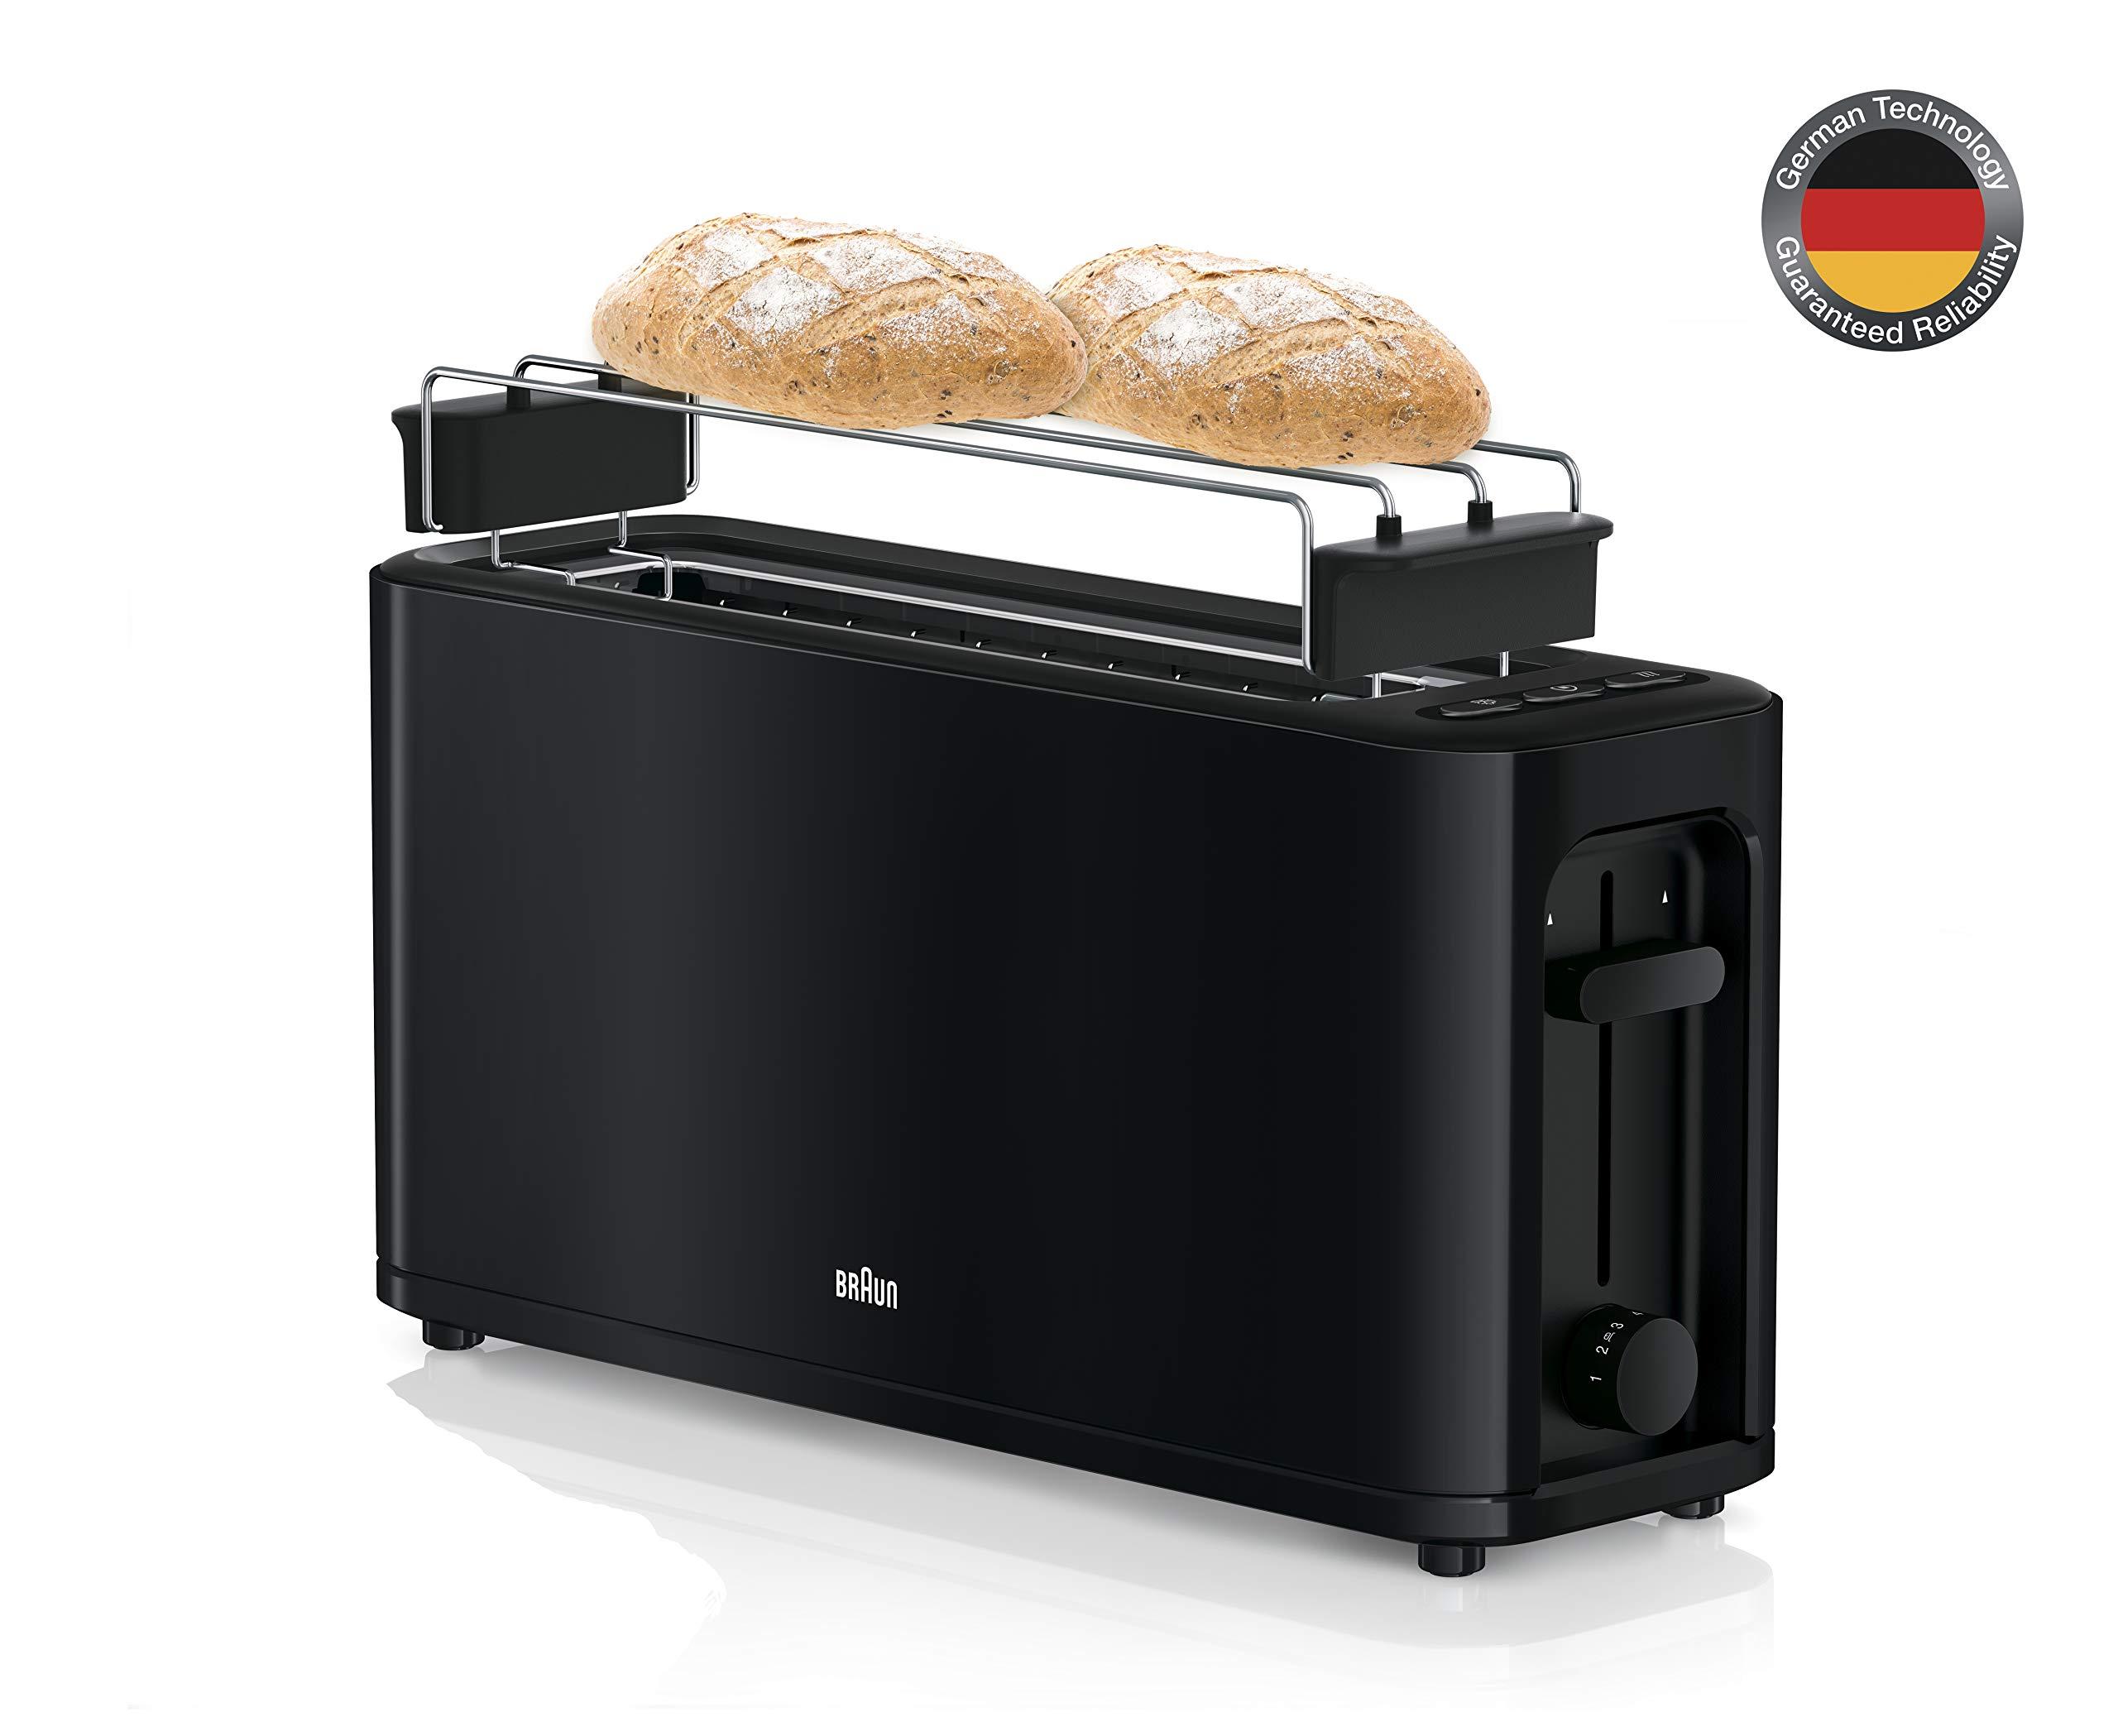 Braun-Toaster-1000-W-Arbeitsspeicher-Kontrolle-Scroll